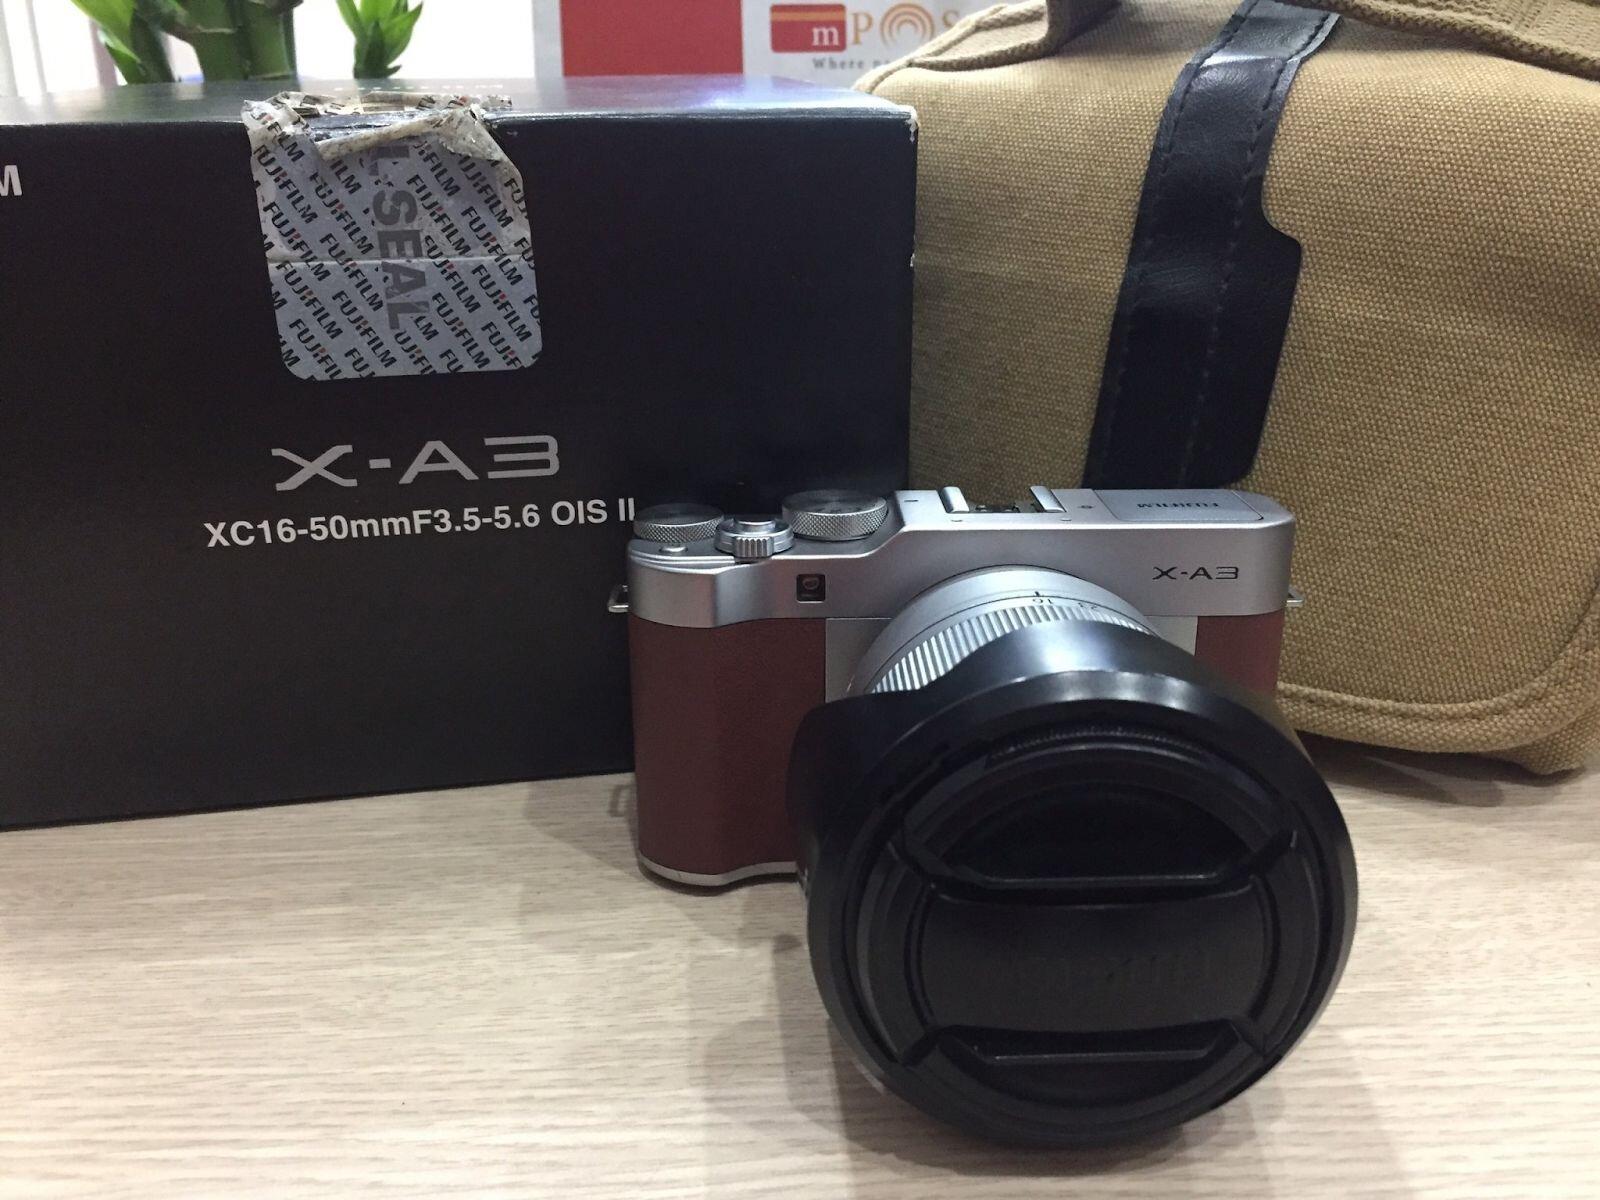 Máy ảnh Fujifilm X-A3 là người đồng hành đáng tin cậy cùng những bức hình chất lượng ổn